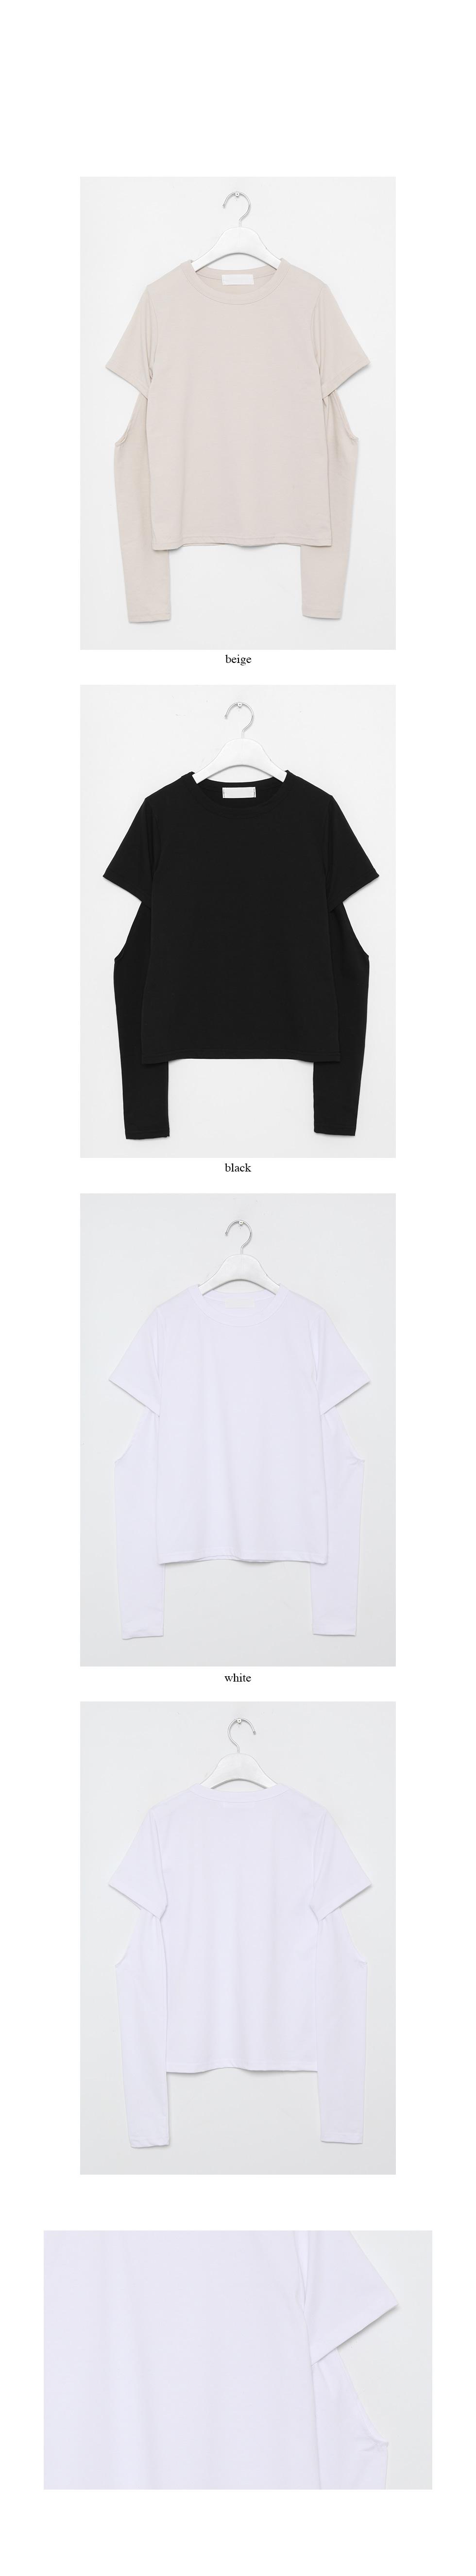 warmer simple top